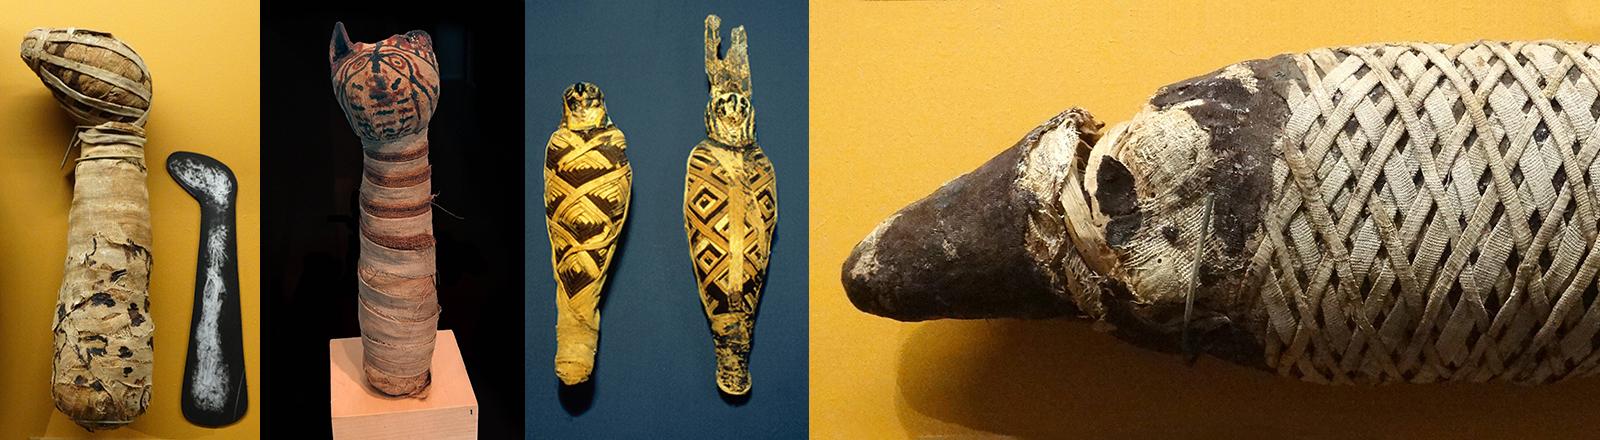 Mumifizierte Tiere, die mit Stoff umwickelt sind: eine Katzte, ein Hund, ein Falke und ein Krokodil.